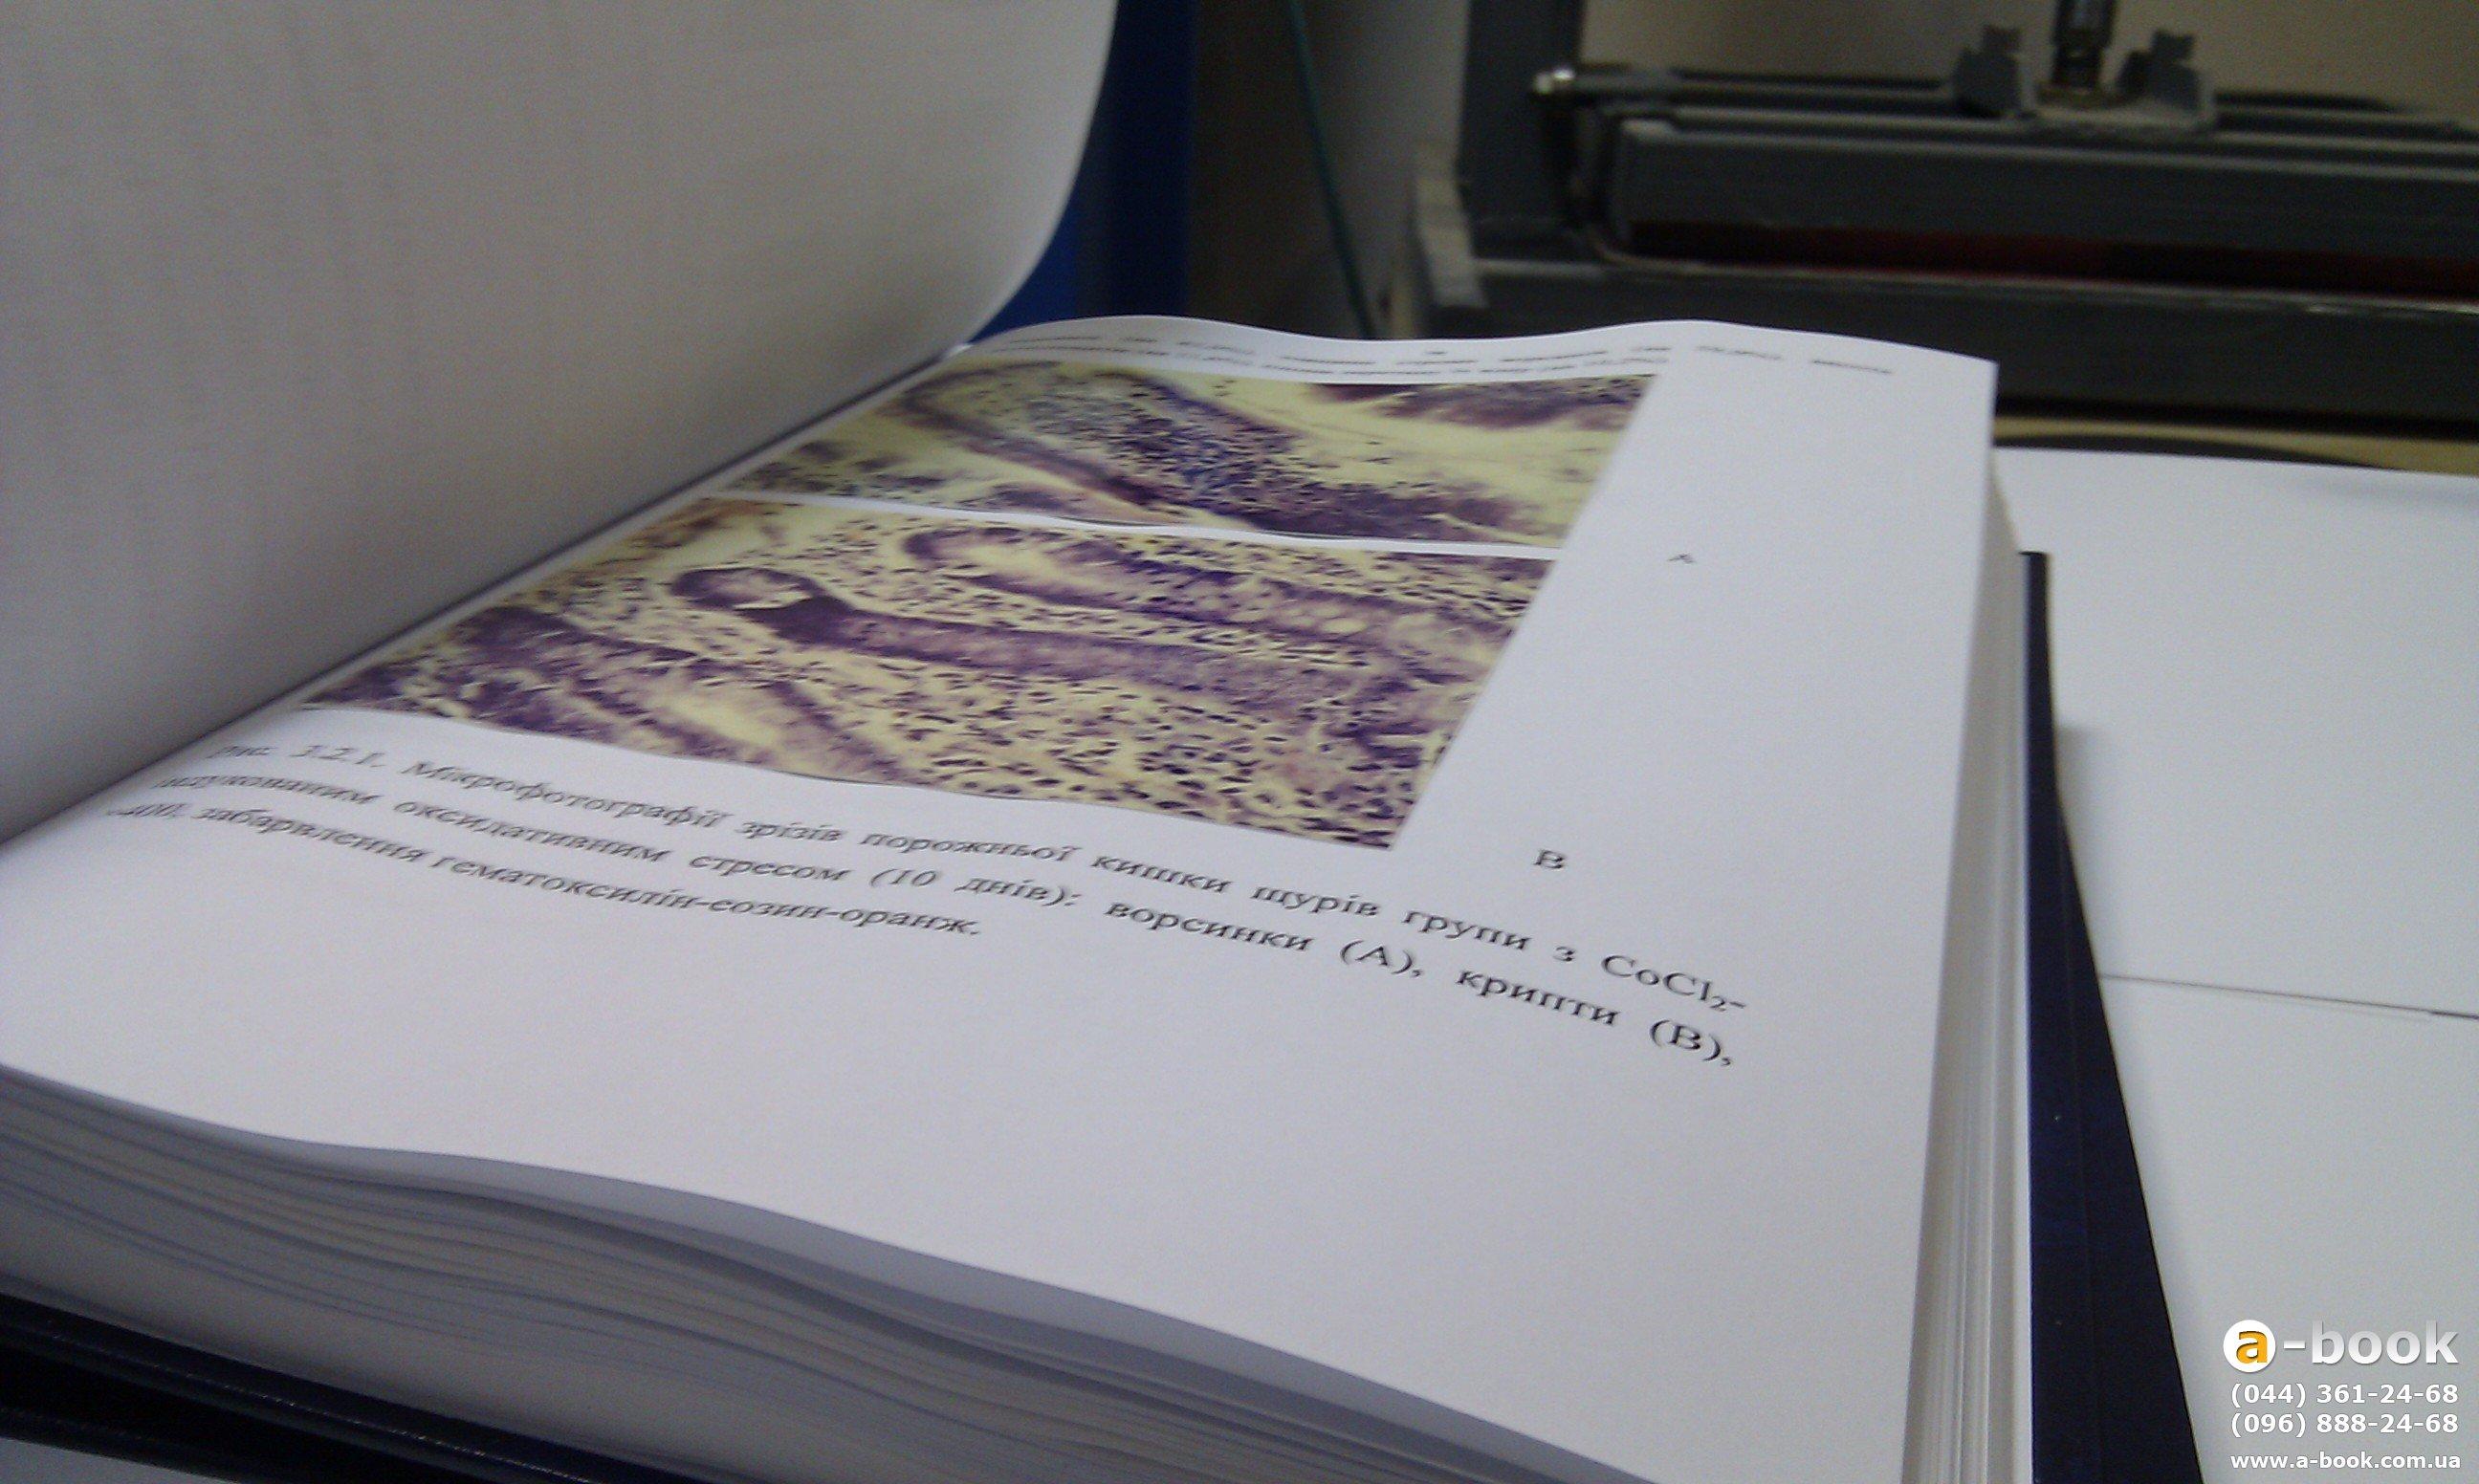 Твердый переплет диплома Киев Прошивка дипломов круглосуточно Сборка твердого переплета диссертации с наклеенными фотографиями